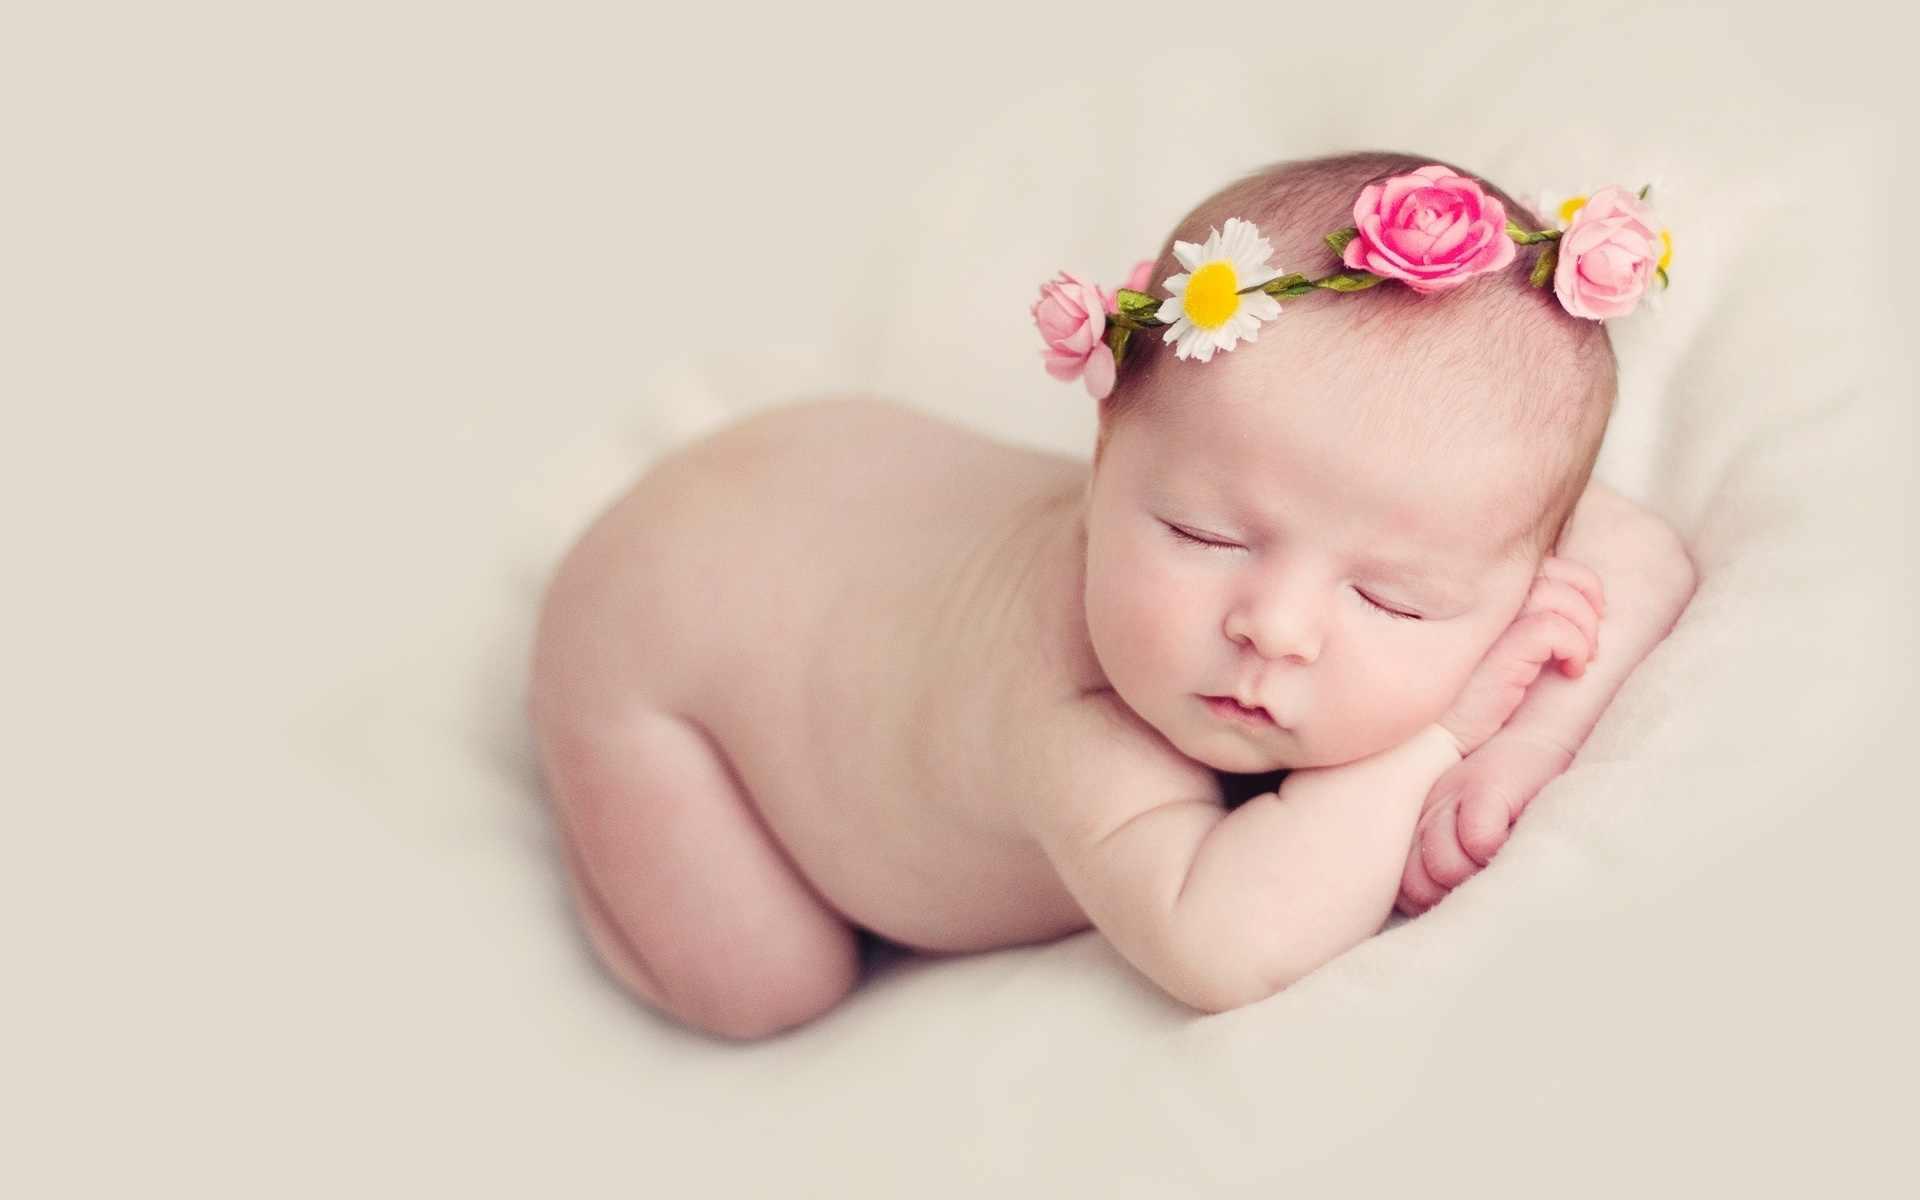 صورة اجمل الصور اطفال في العالم , اجمل الاطفال في العالم كله